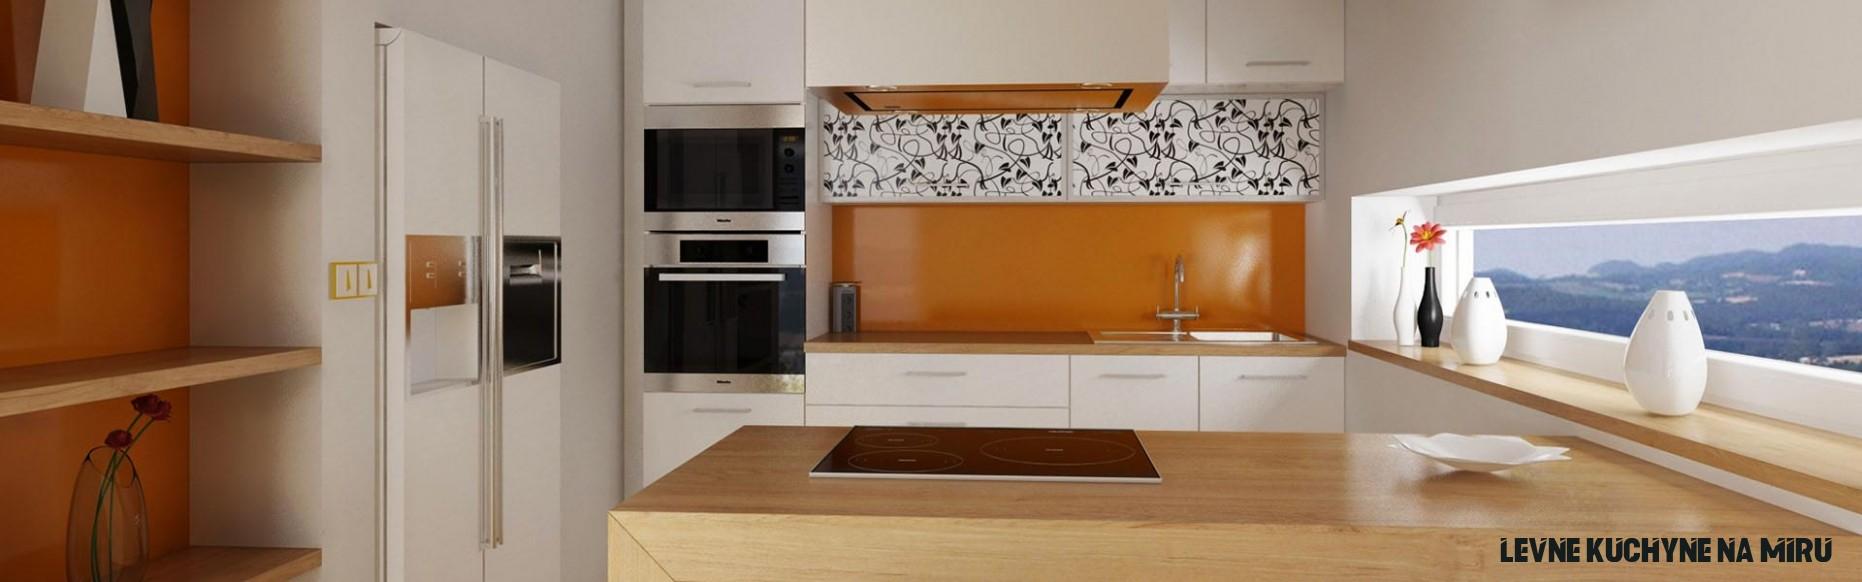 Kuchyně na míru, moderní kuchyně Heřmanův Městec